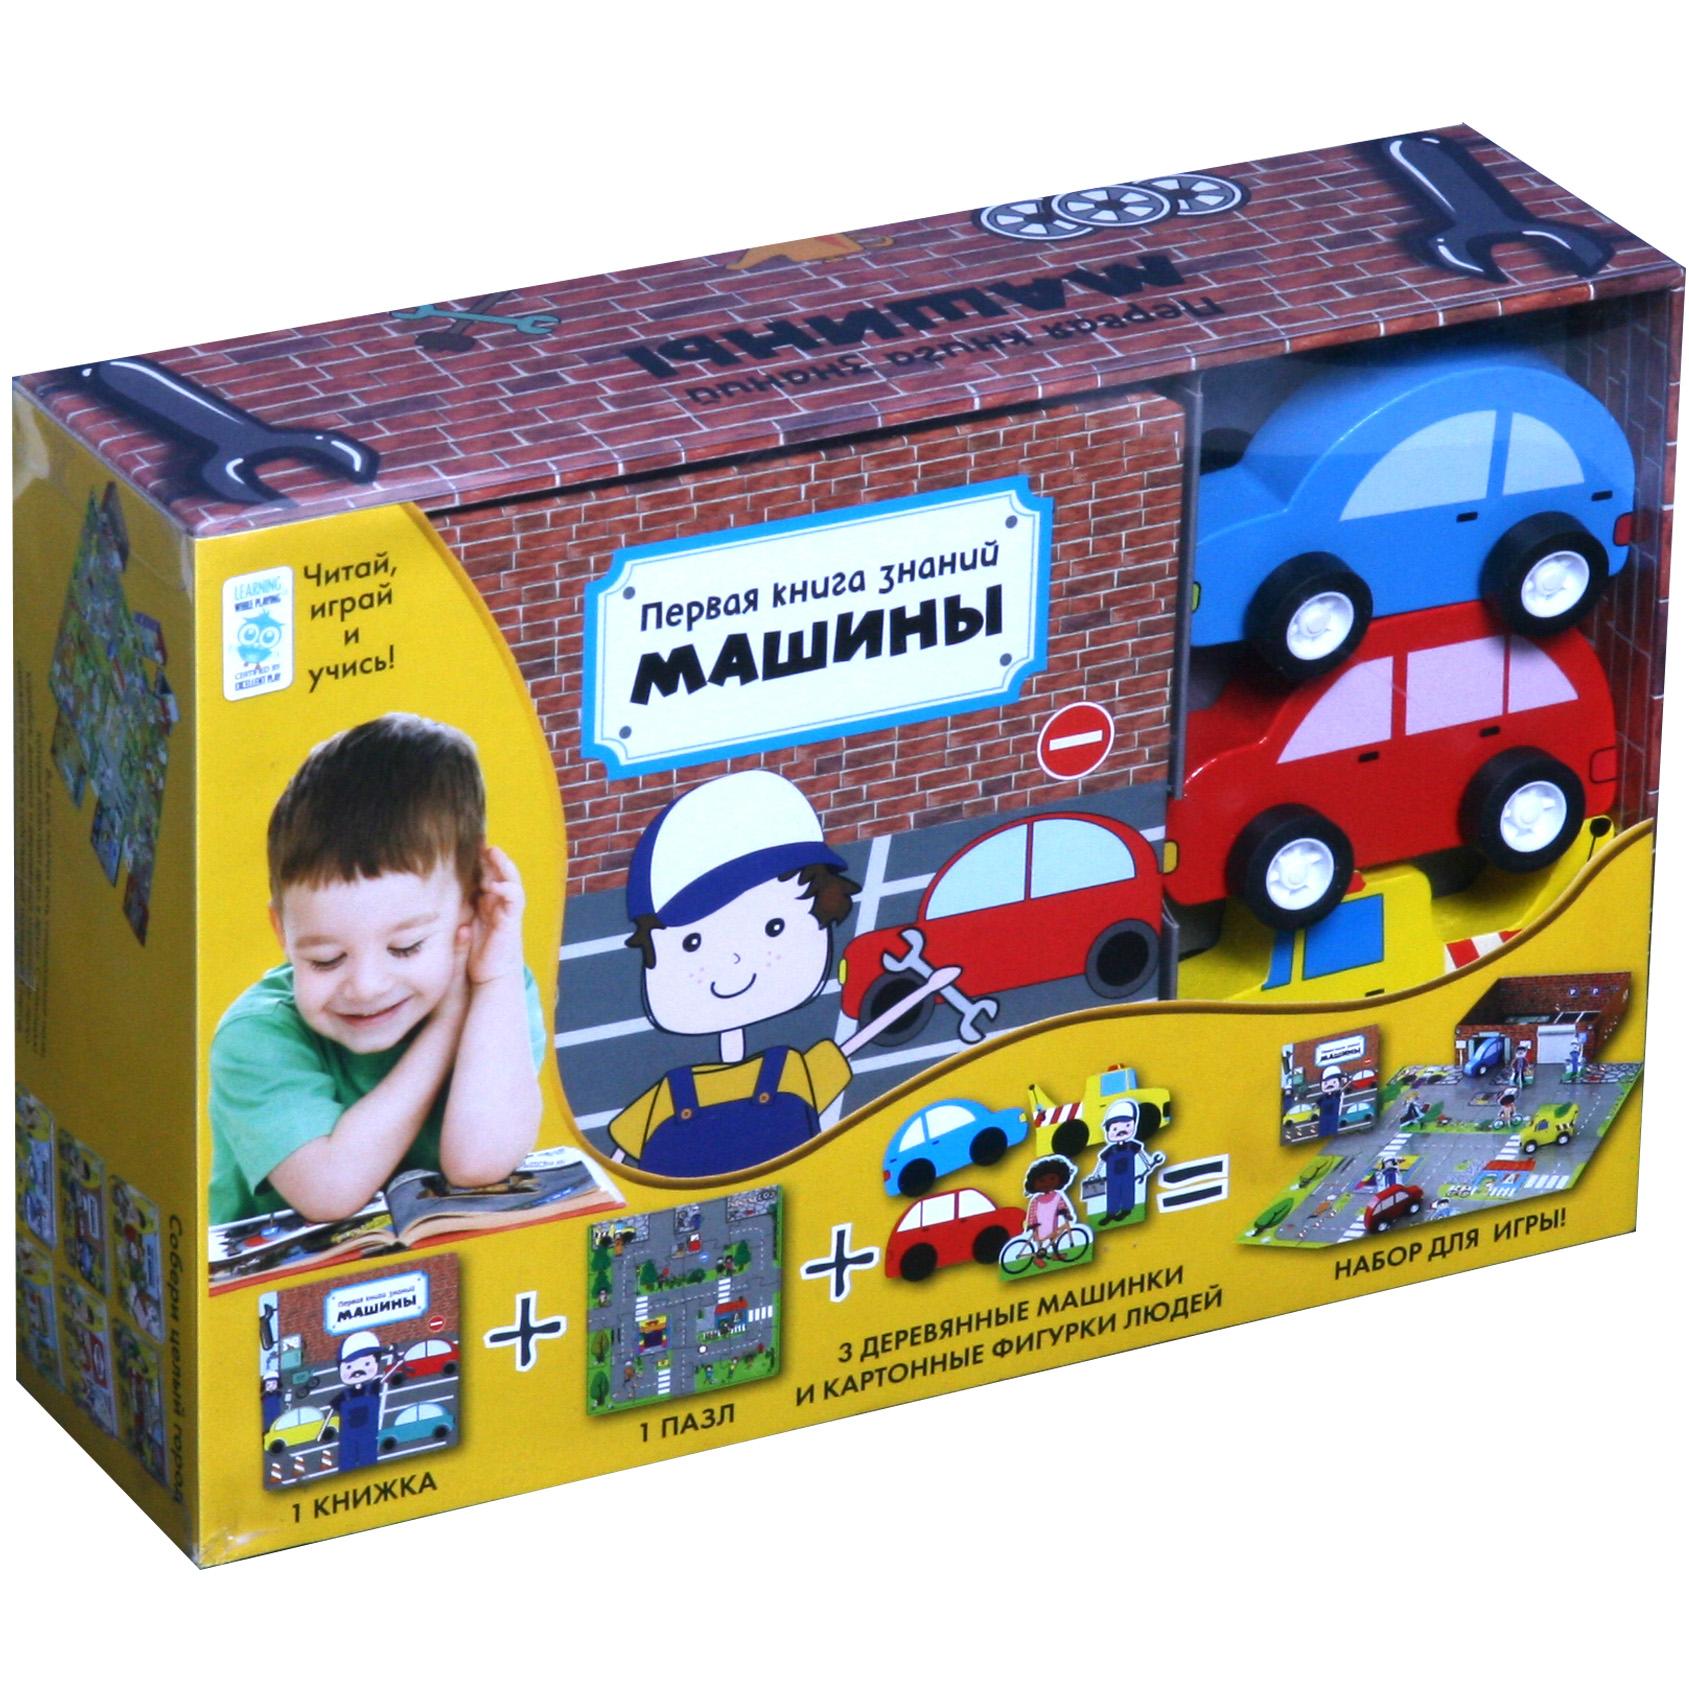 Первая книга знаний. Машины (+ набор для игры) авито гараж в тюмени на лесобазе